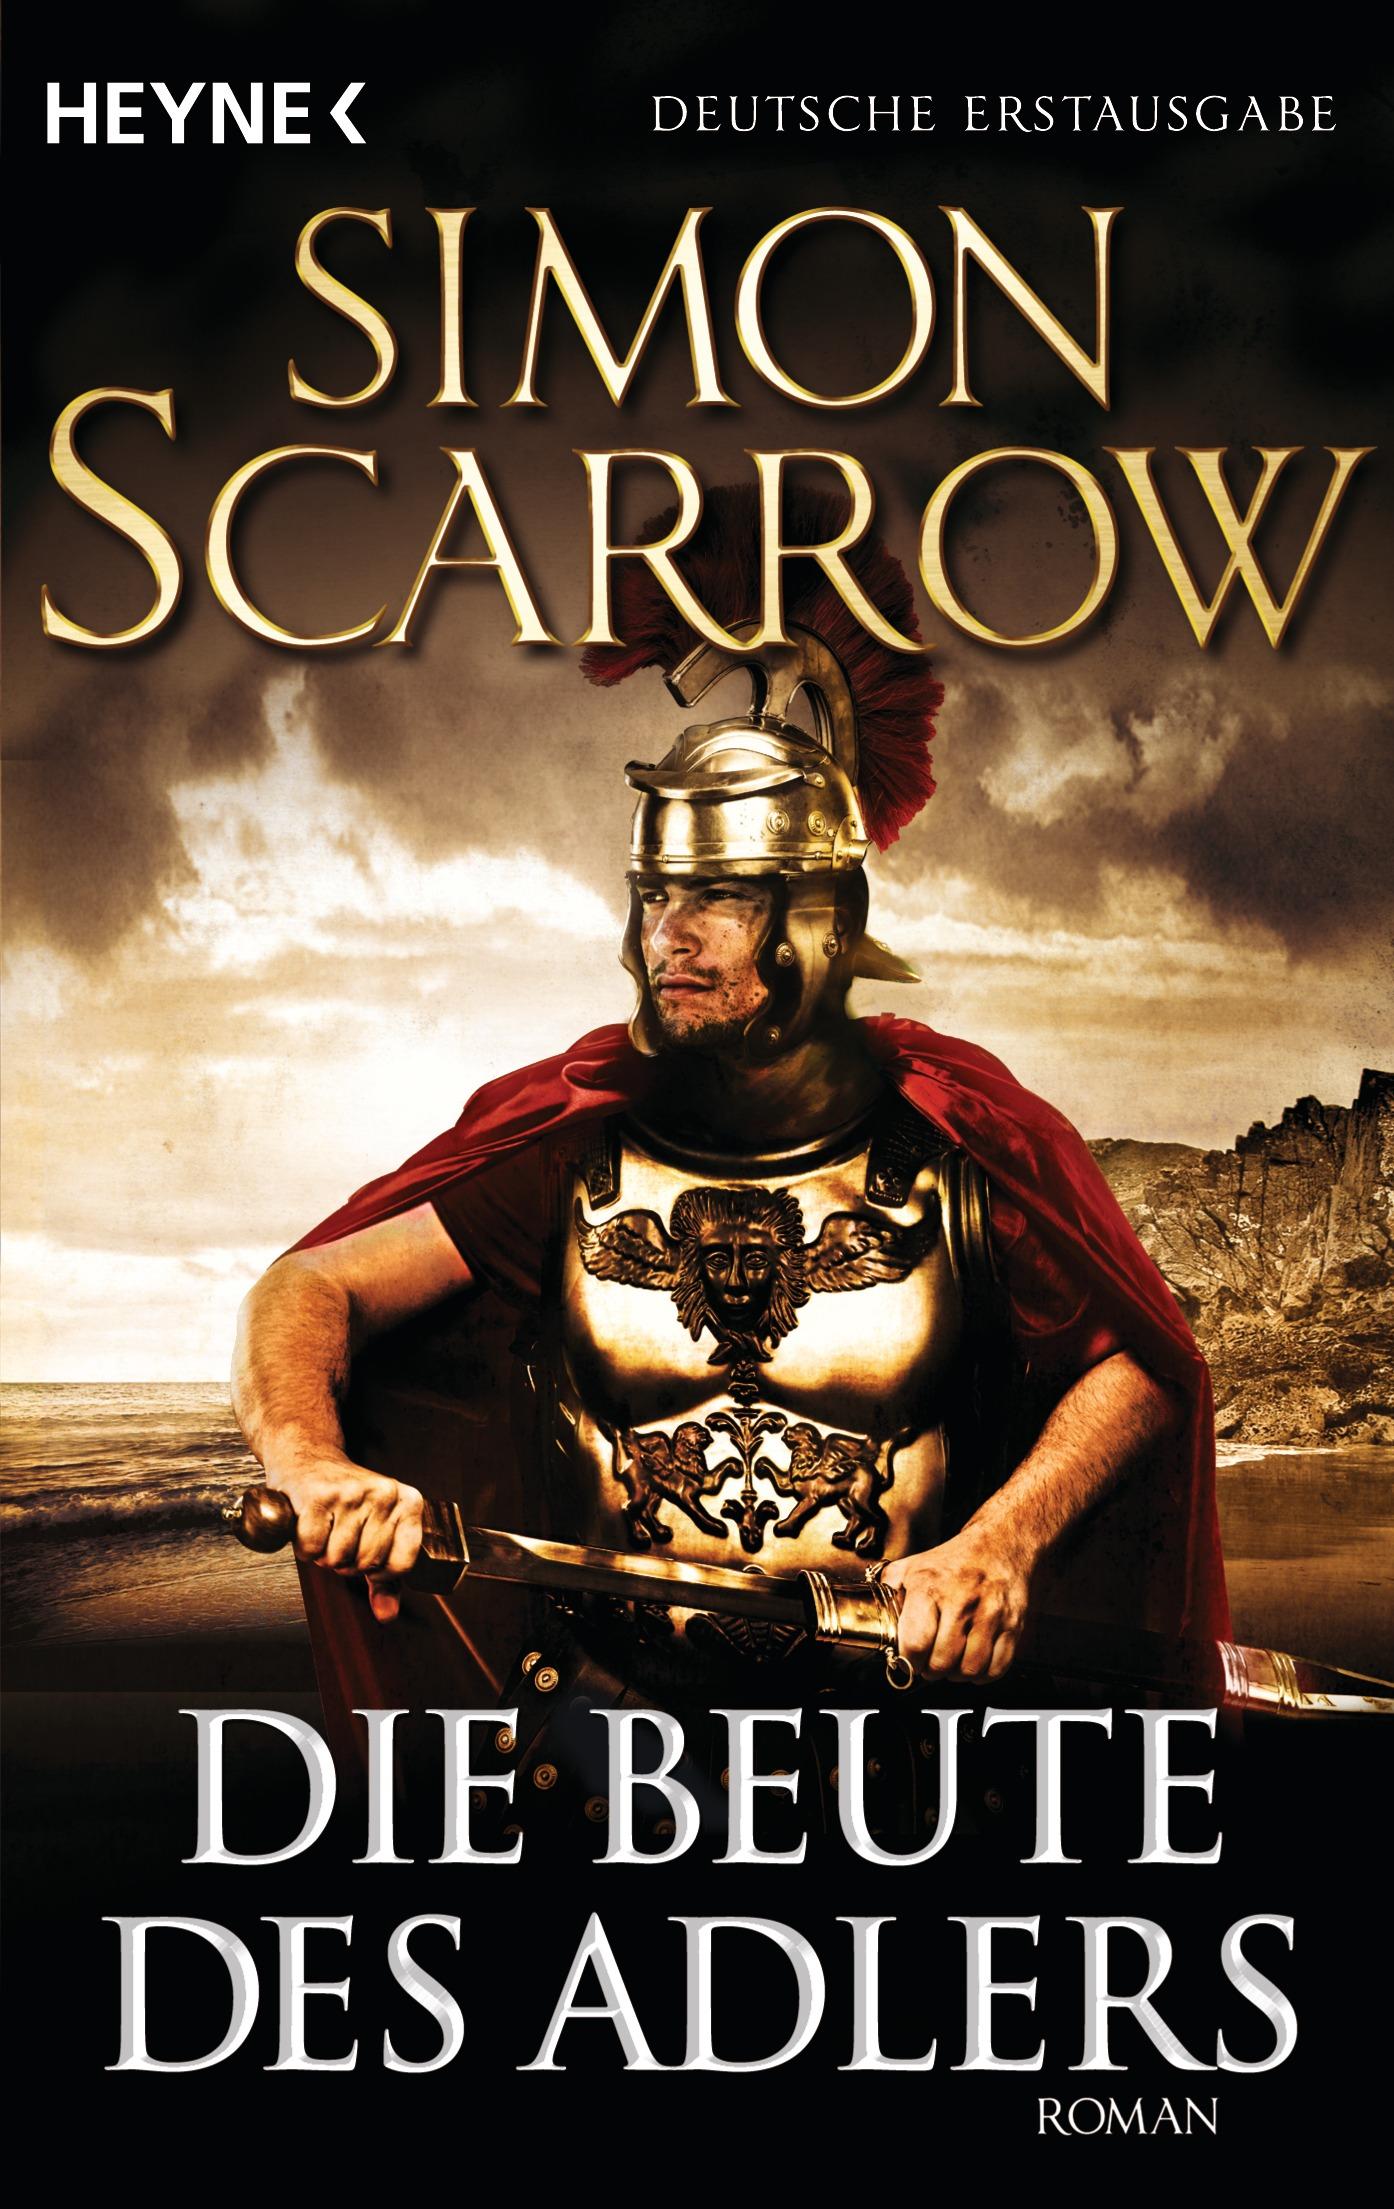 Die Beute des Adlers: Roman - Simon Scarrow